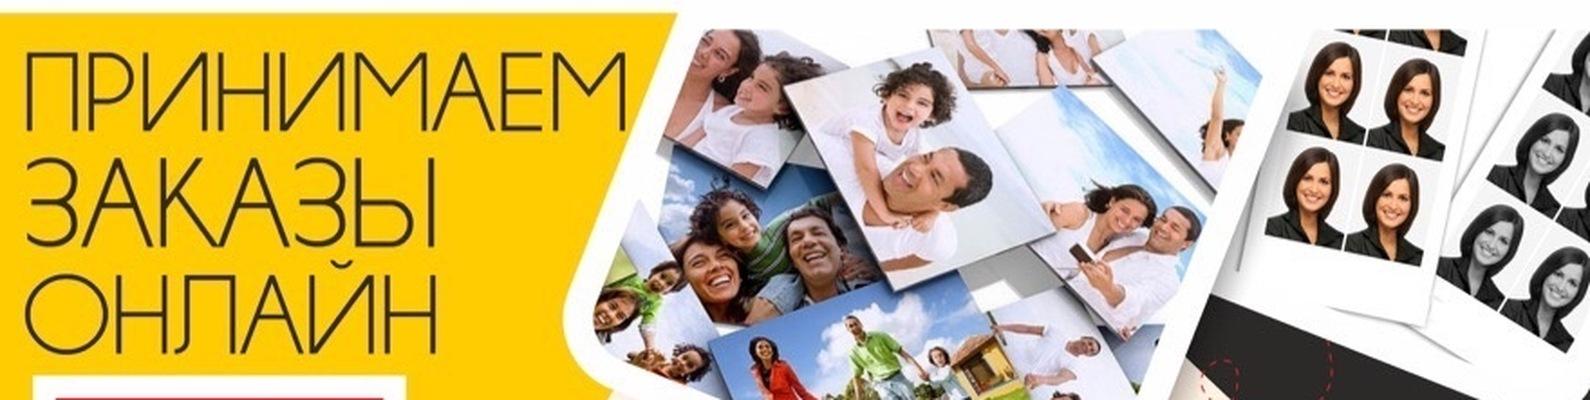 кодак печать фото видное креативные стрижки для